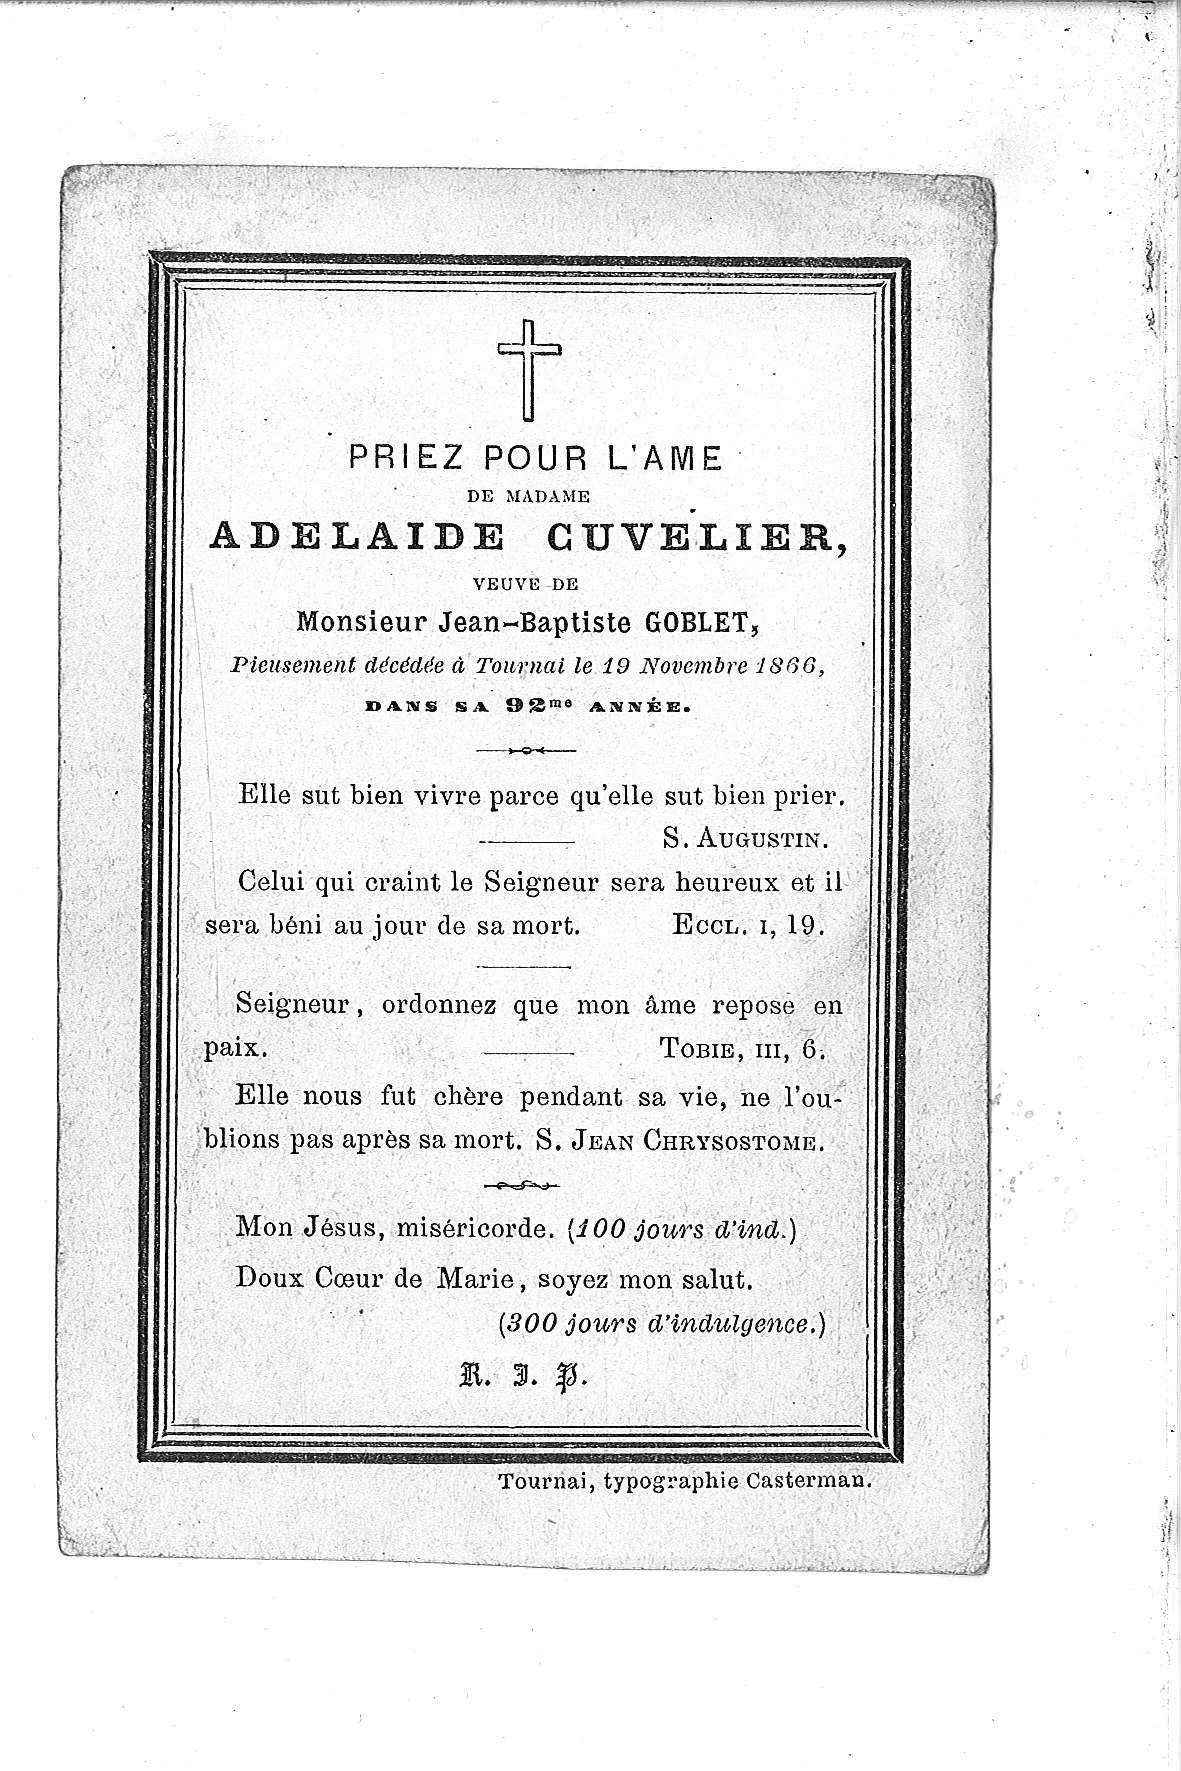 Adelaide (1866) 20120117161928_00170.jpg